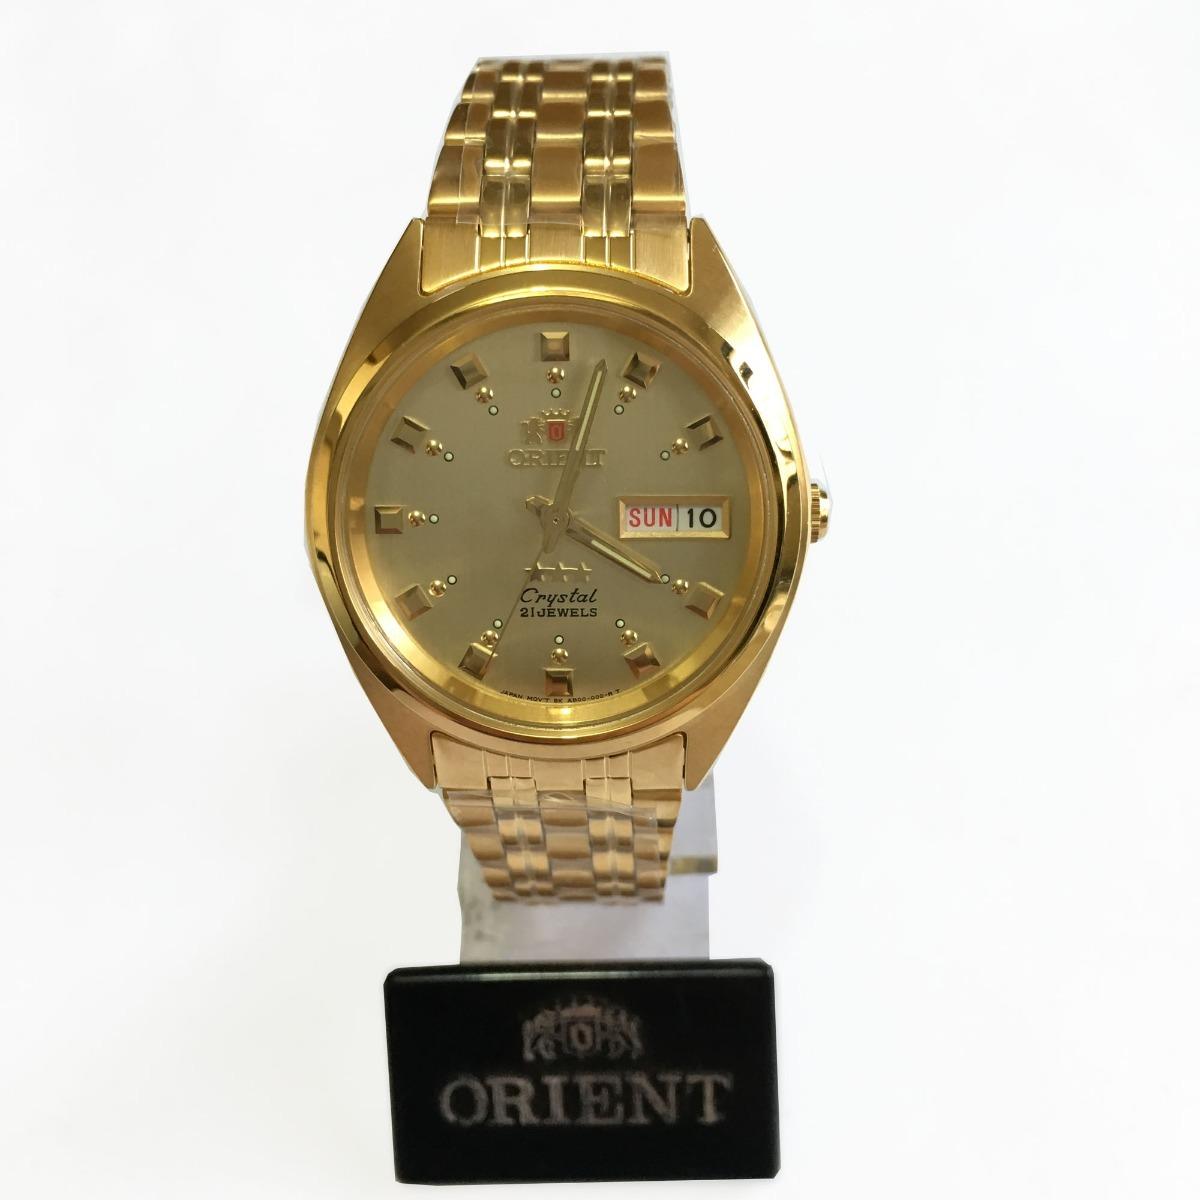 456961da98d Carregando zoom... relógio orient automatico masculino dourado original c  caixa